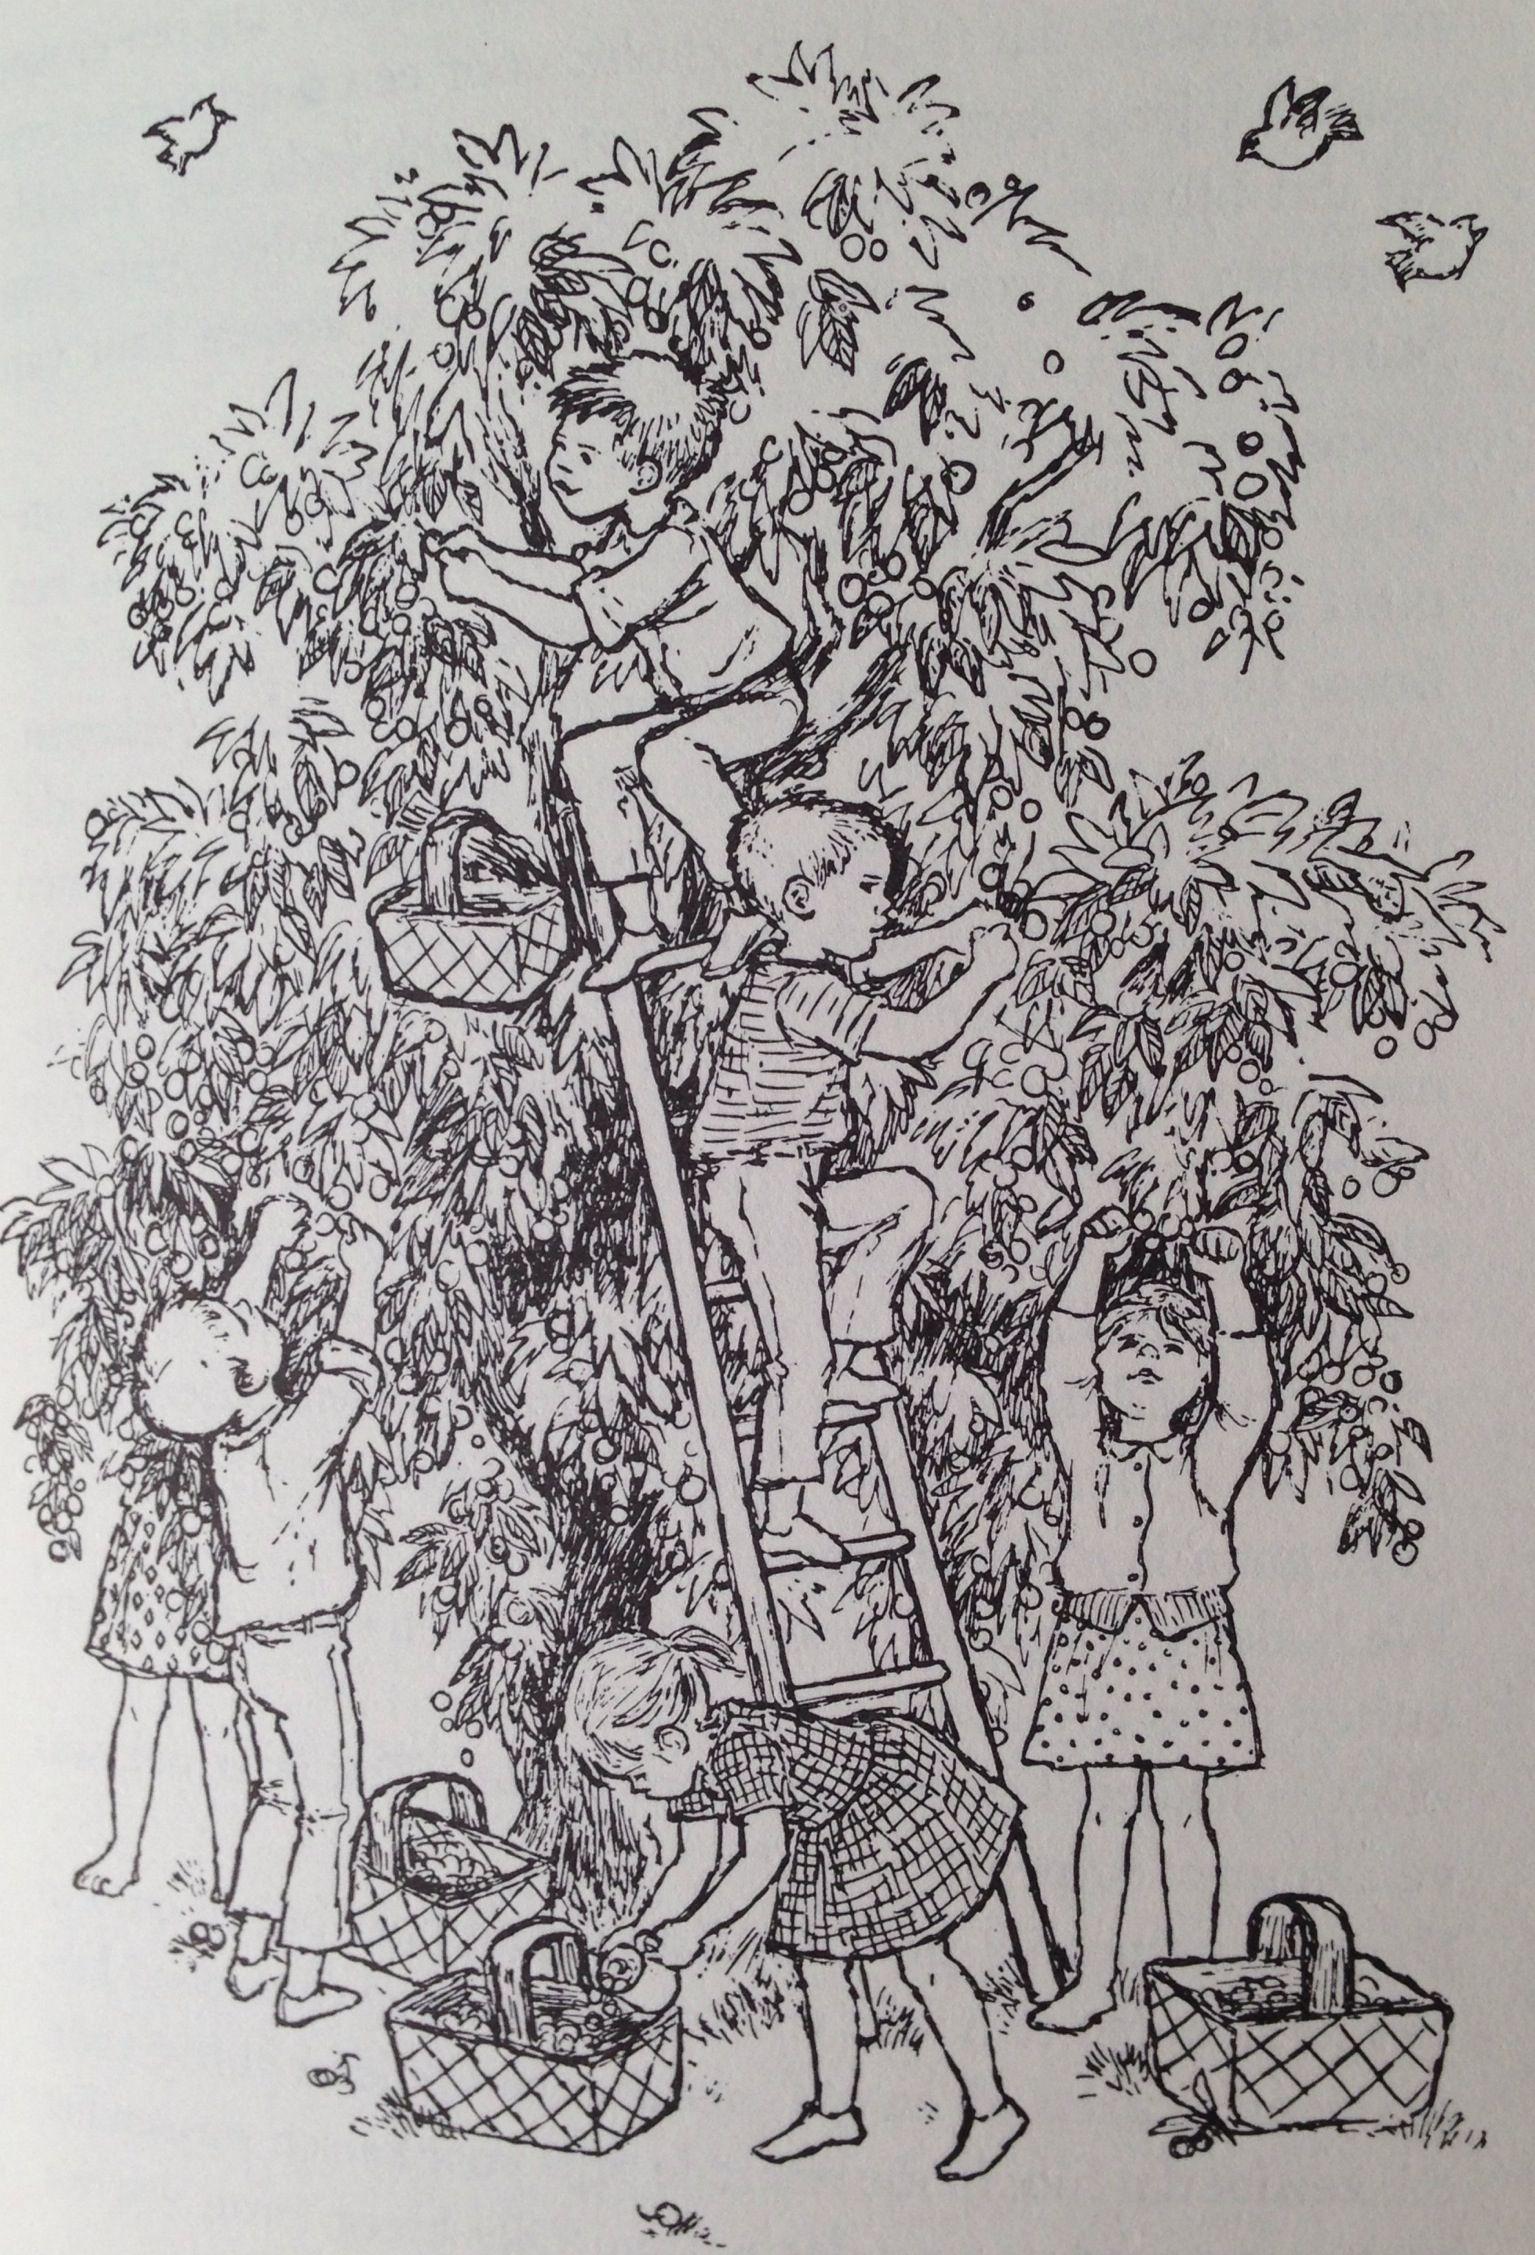 Illustratie Ilon Wikland Uit De Kinderen Van Bolderburen Ink Illustrations Illustration Art Black And White Drawing